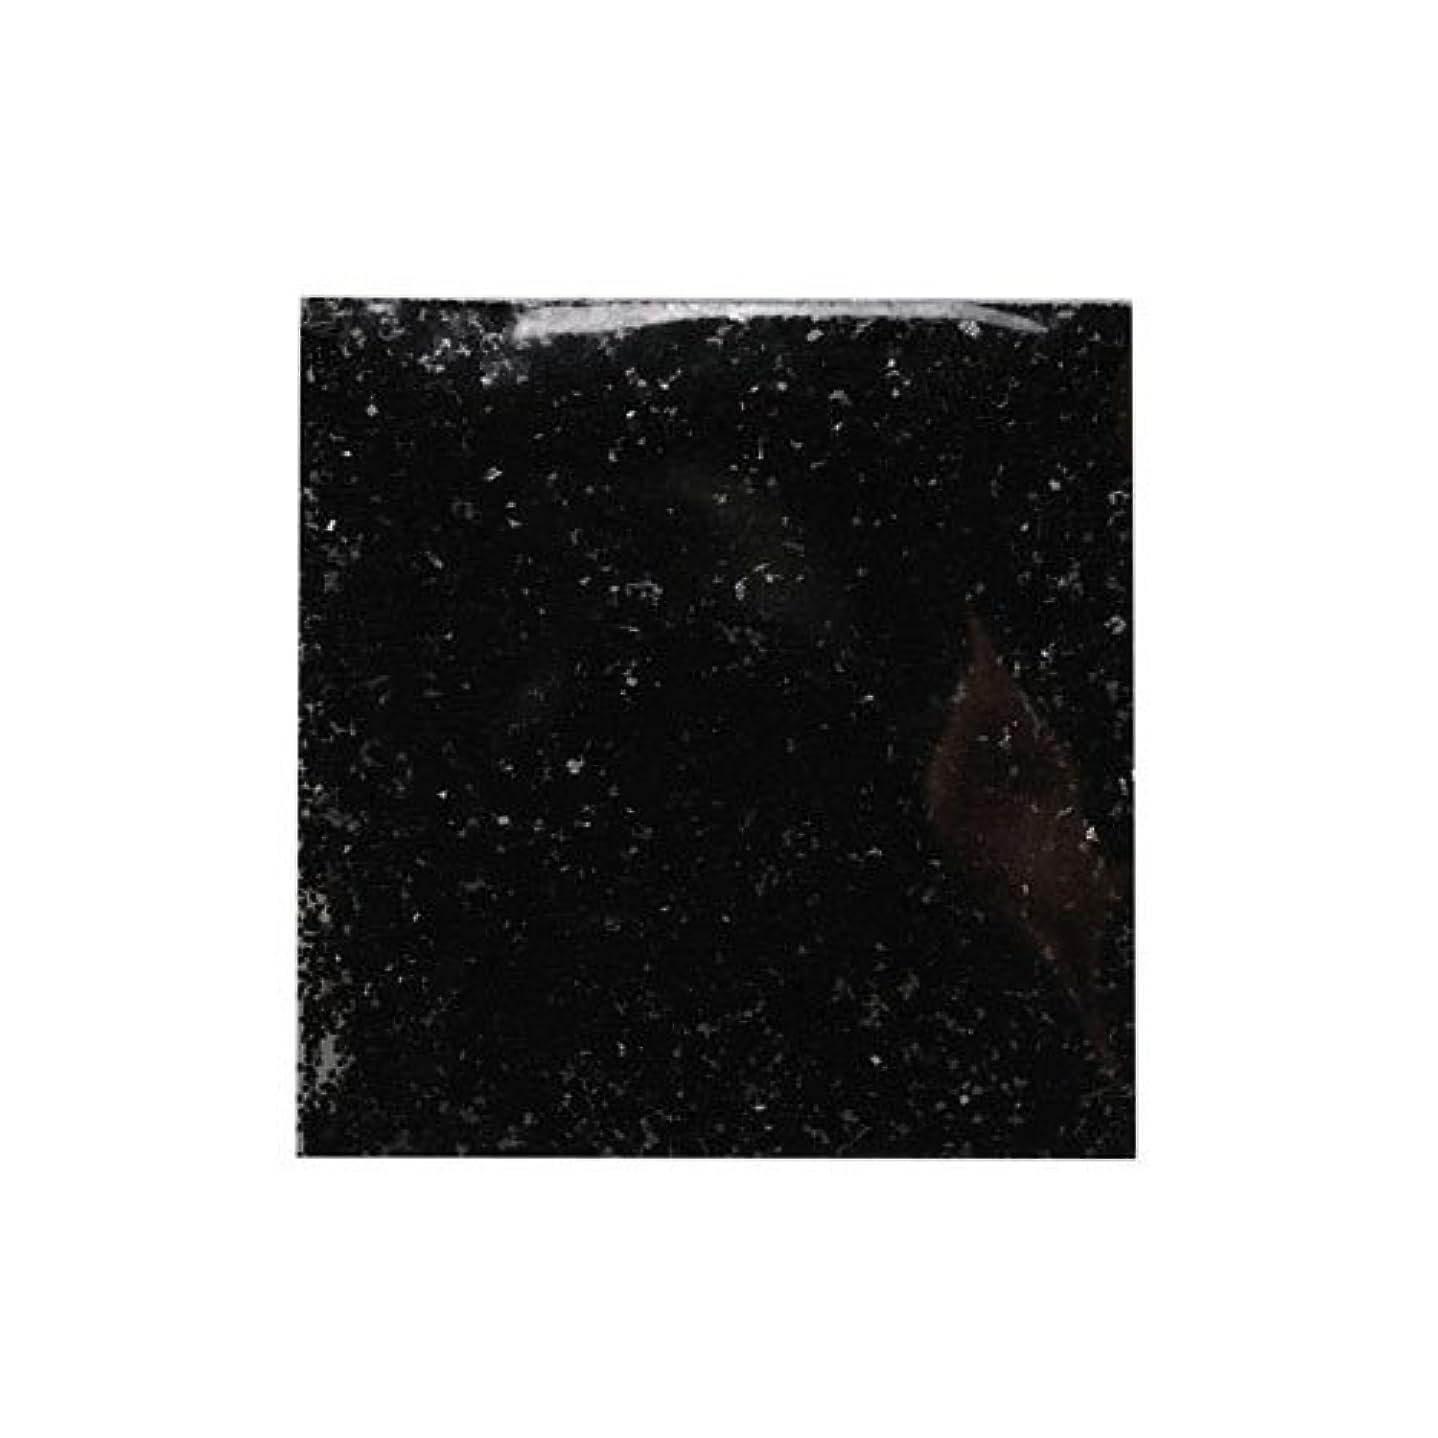 舗装いっぱい屋内ピカエース ネイル用パウダー ラメメタリック M #537 ブラック 2g アート材